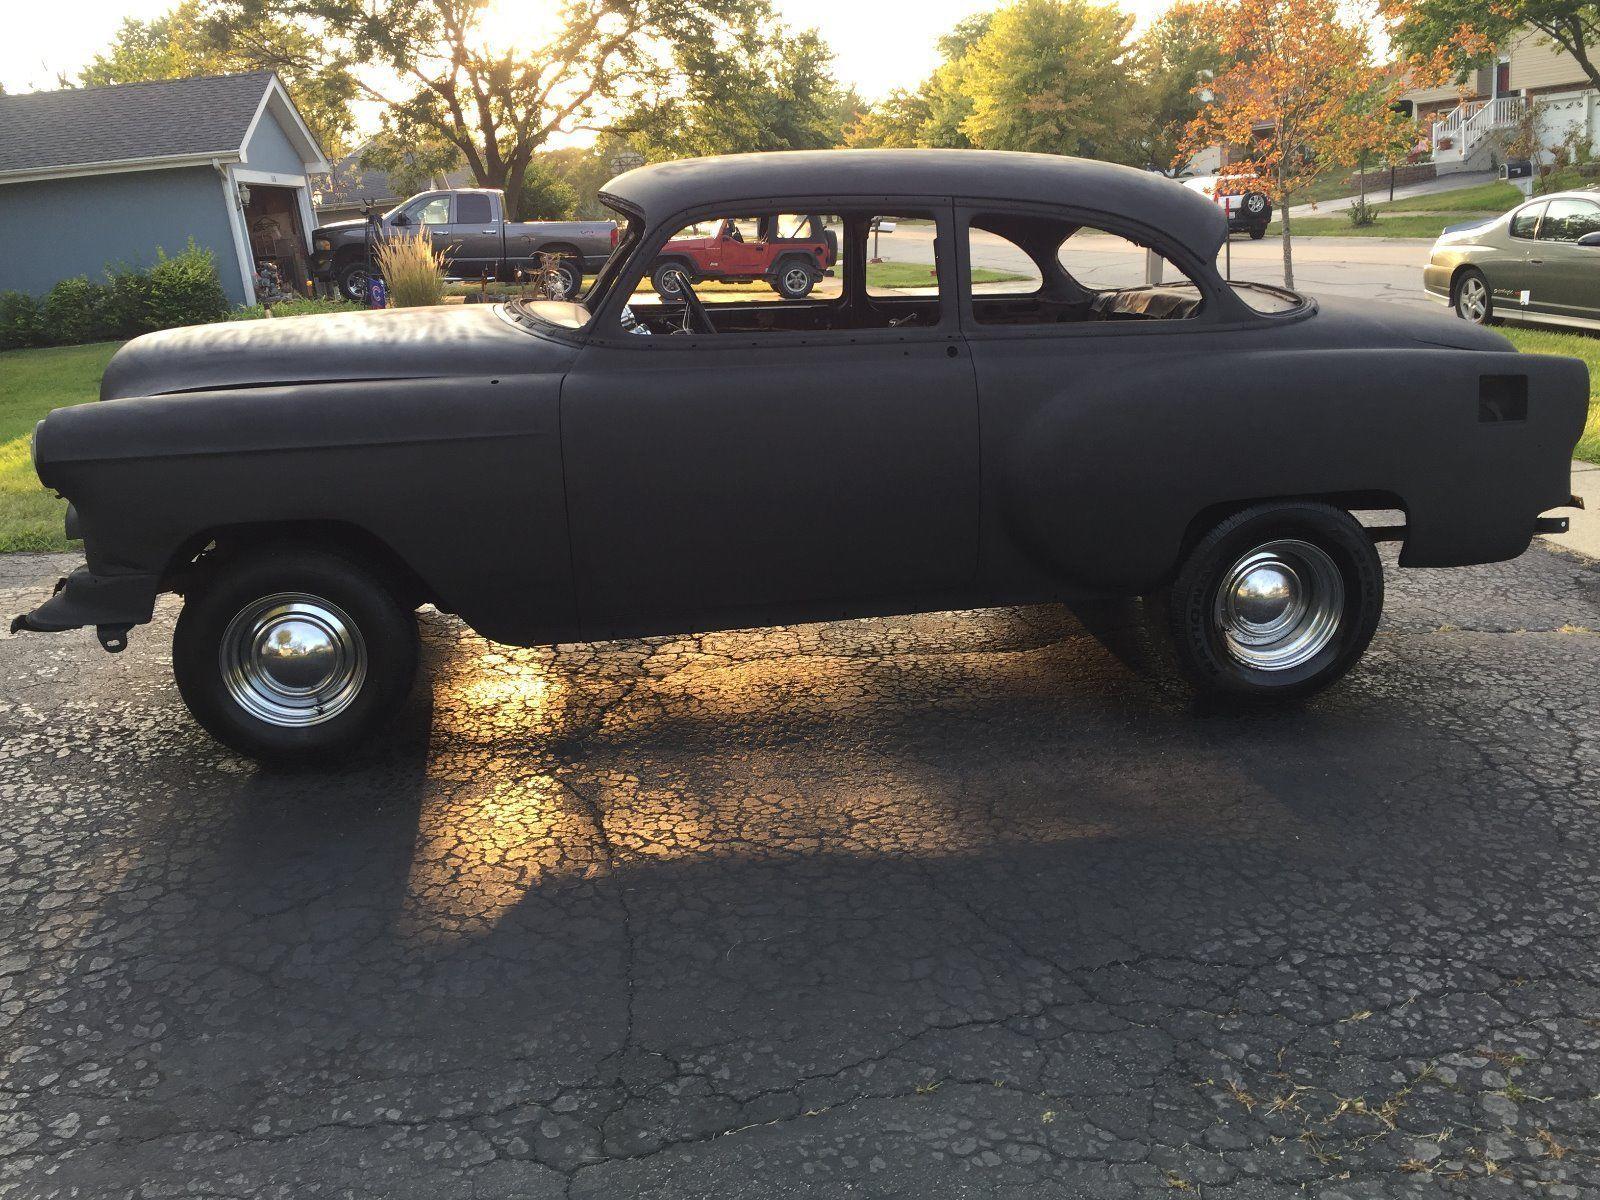 Cool Great 1954 Chevrolet Bel Air/150/210 1954 Chevrolet Bel Air 2 Door